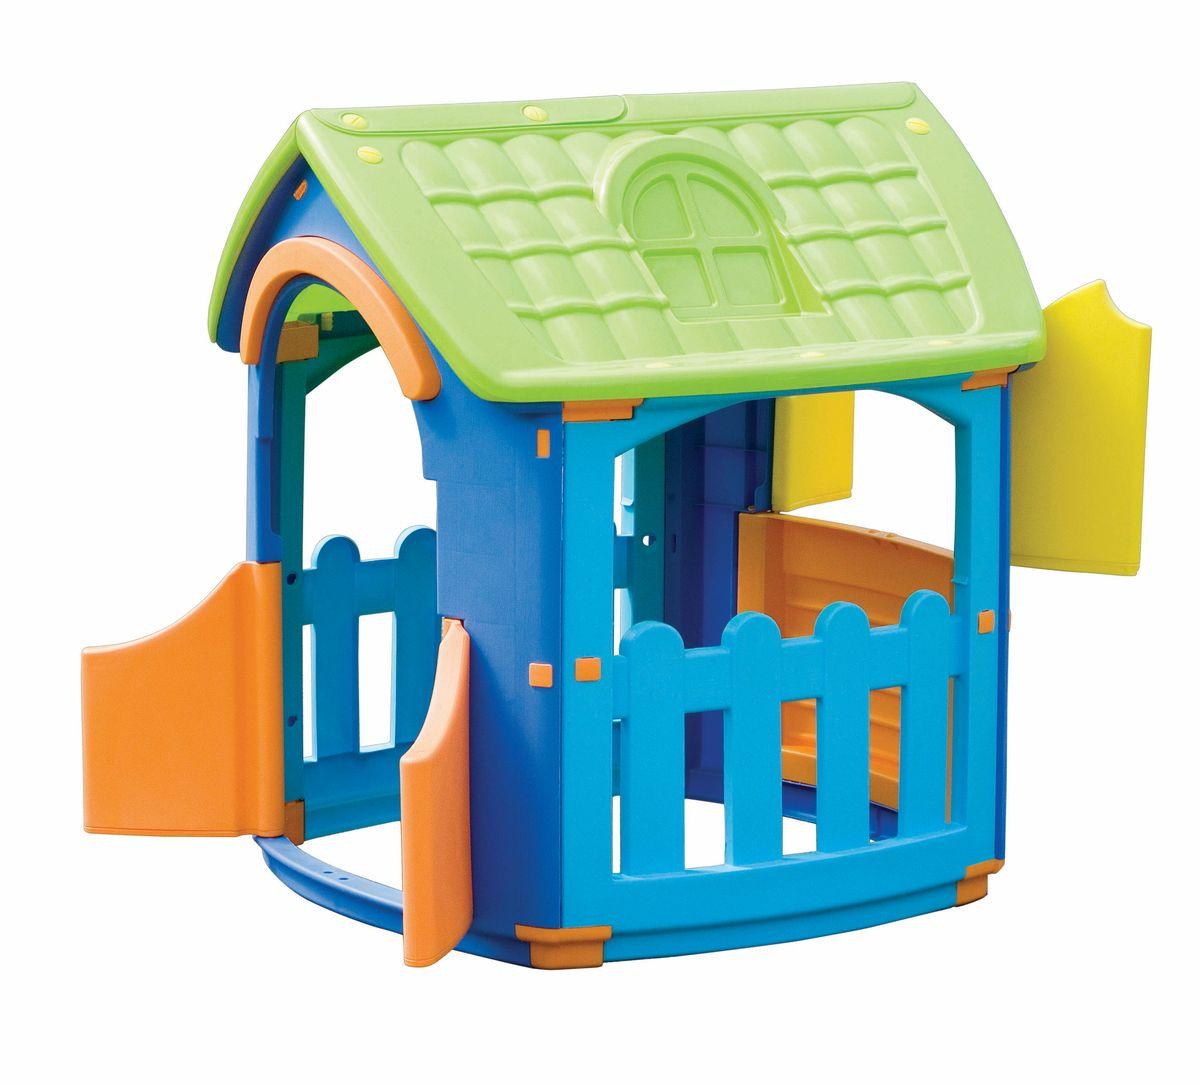 Marian Plast Домик разборный667Домик разборный – уникальная игрушка. В нем ребенок становится хозяином собственного «сказочного мира». В процессе игры малыш примеряет на себя различные социальные роли, тем самым происходит первичный процесс адаптации Когда ребенок играет с друзьями, у него улучшается коммуникативный процесс, что также важно для будущей жизни. Домик сделан из качественного пластика. Имеет красочный дизайн, имитирующий «реальный дом». Удобная конструкция позволяет легко собирать домик, а также без труда размещать его как в квартире, так и на природе. Детали домика соединяются и закрепляются специальными пластиковыми гайками, которые входят в комплект; конструкция домика очень надёжная и устойчивая; вход с двумя открывающимися дверками; три больших окошка в доме, одно со ставенками, и два на террасе.